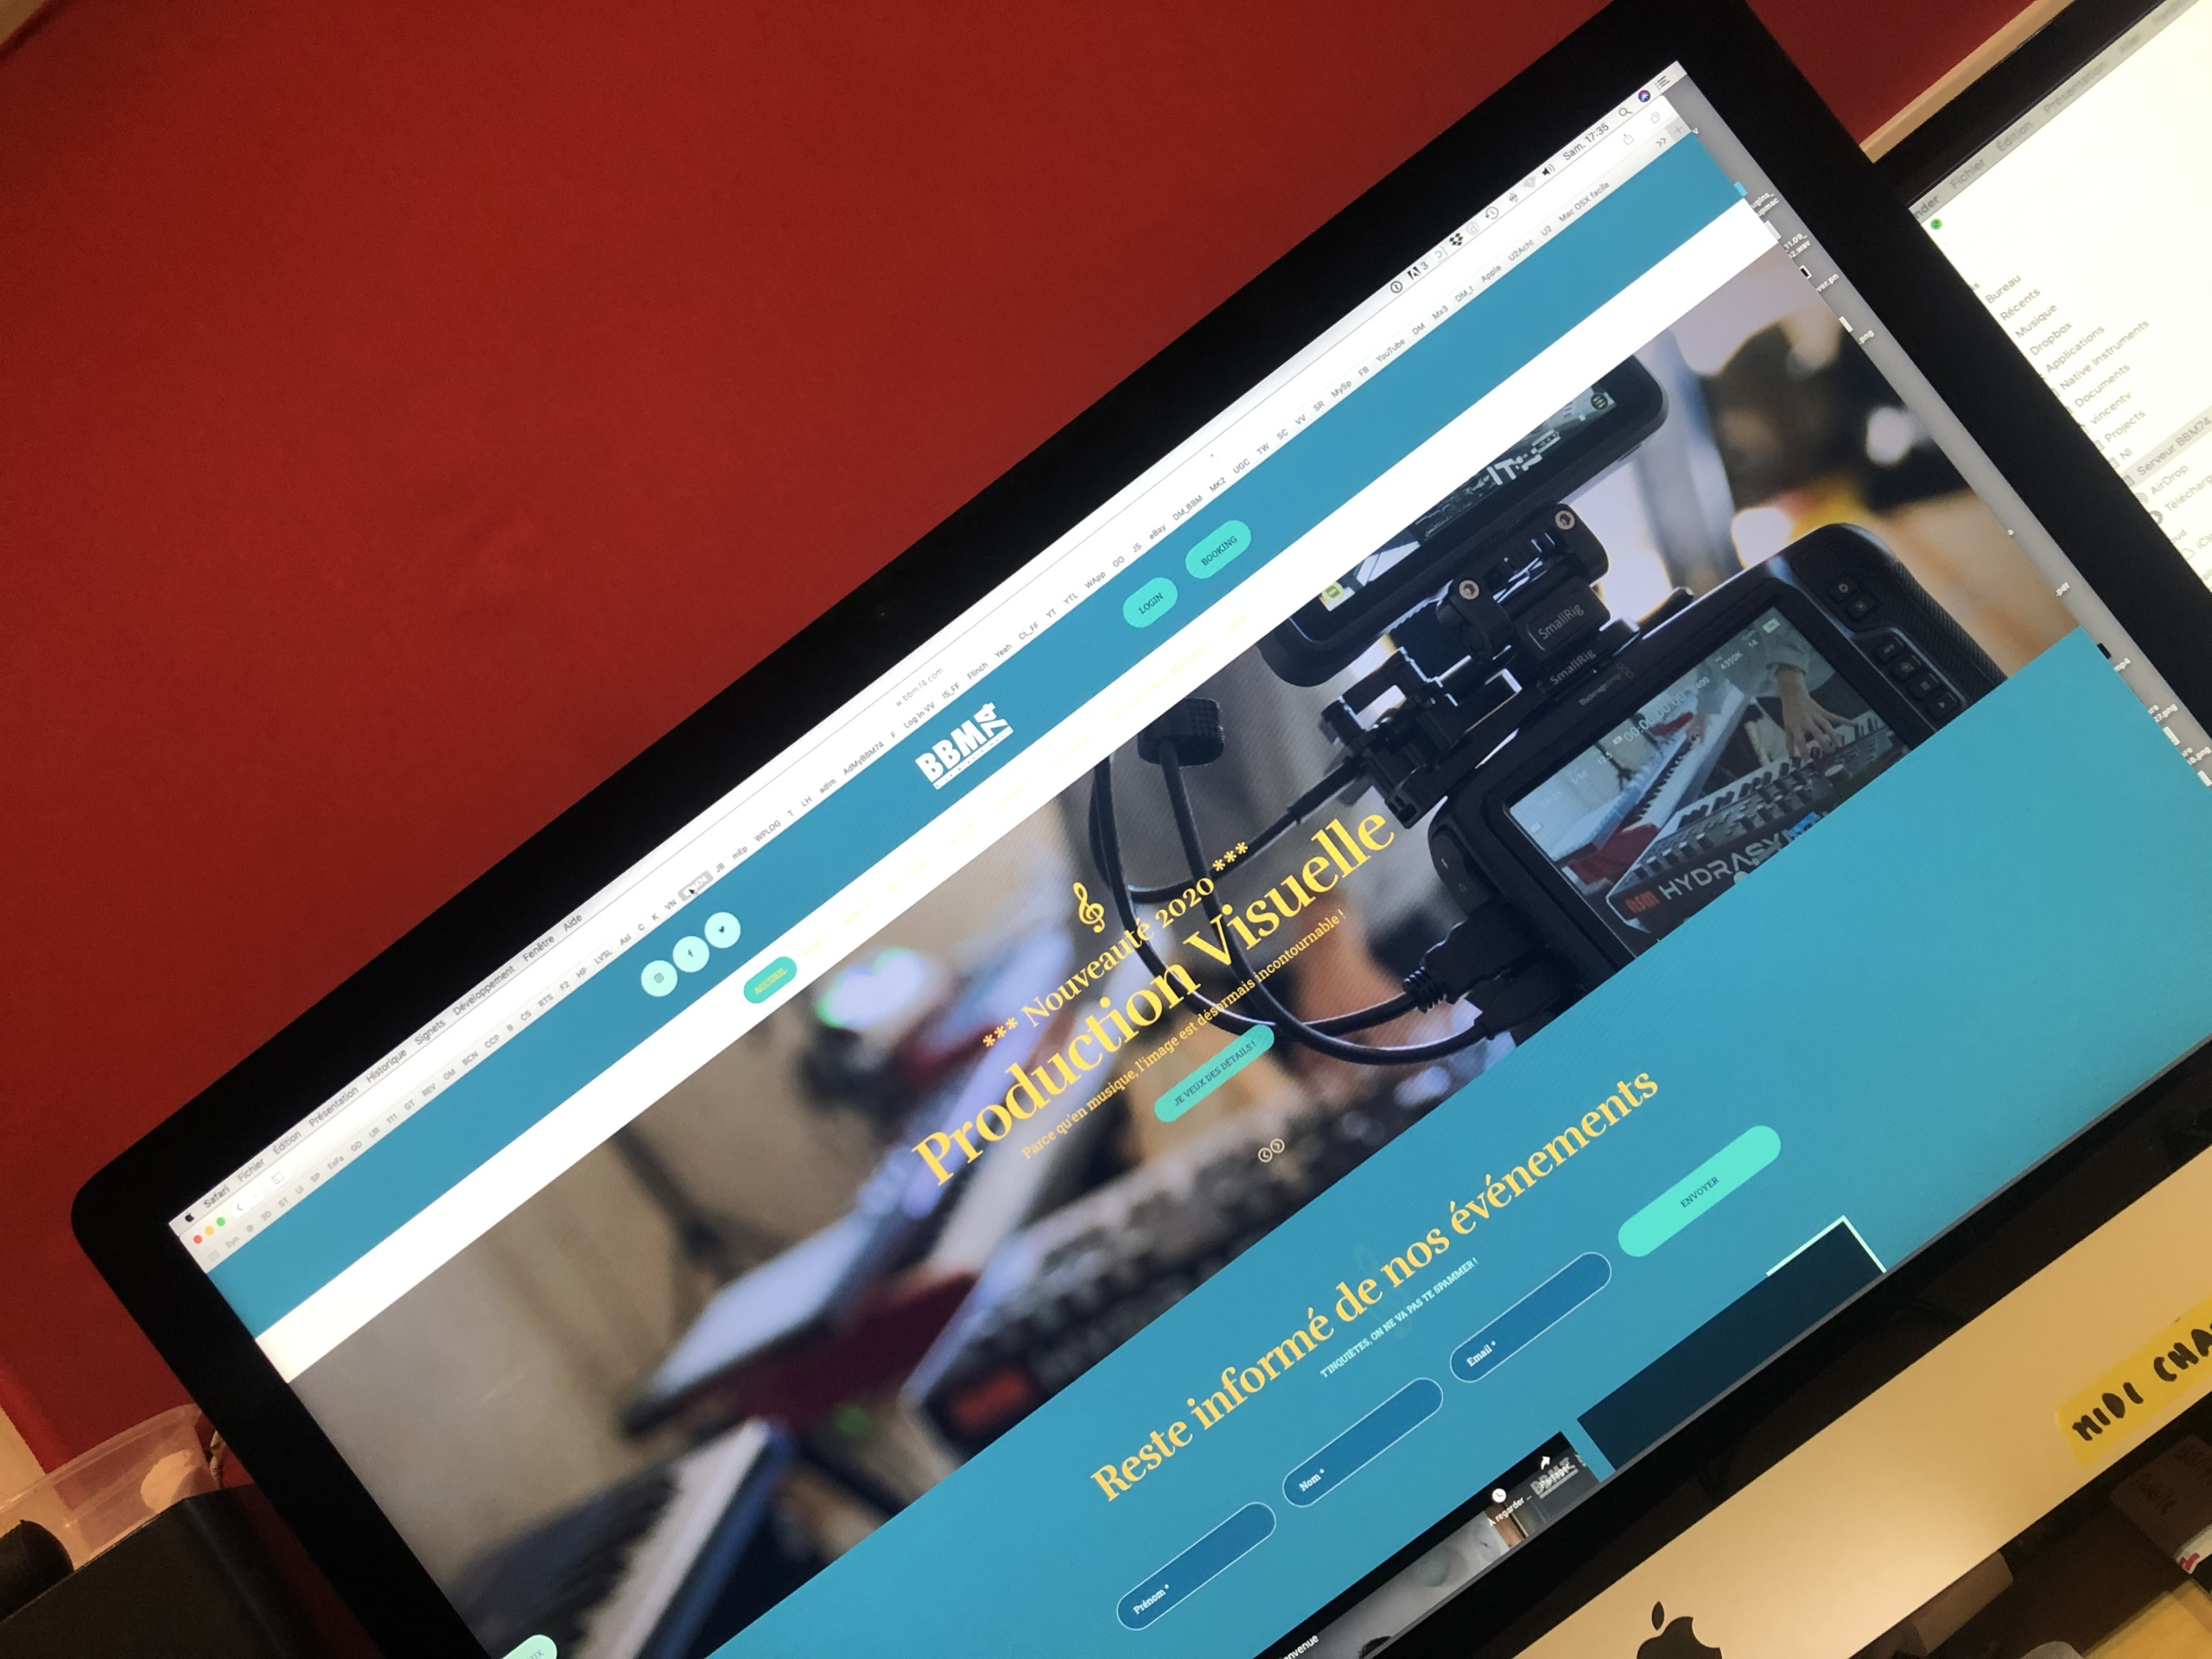 Ecran d'ordinateur nouveau site web BBM 74